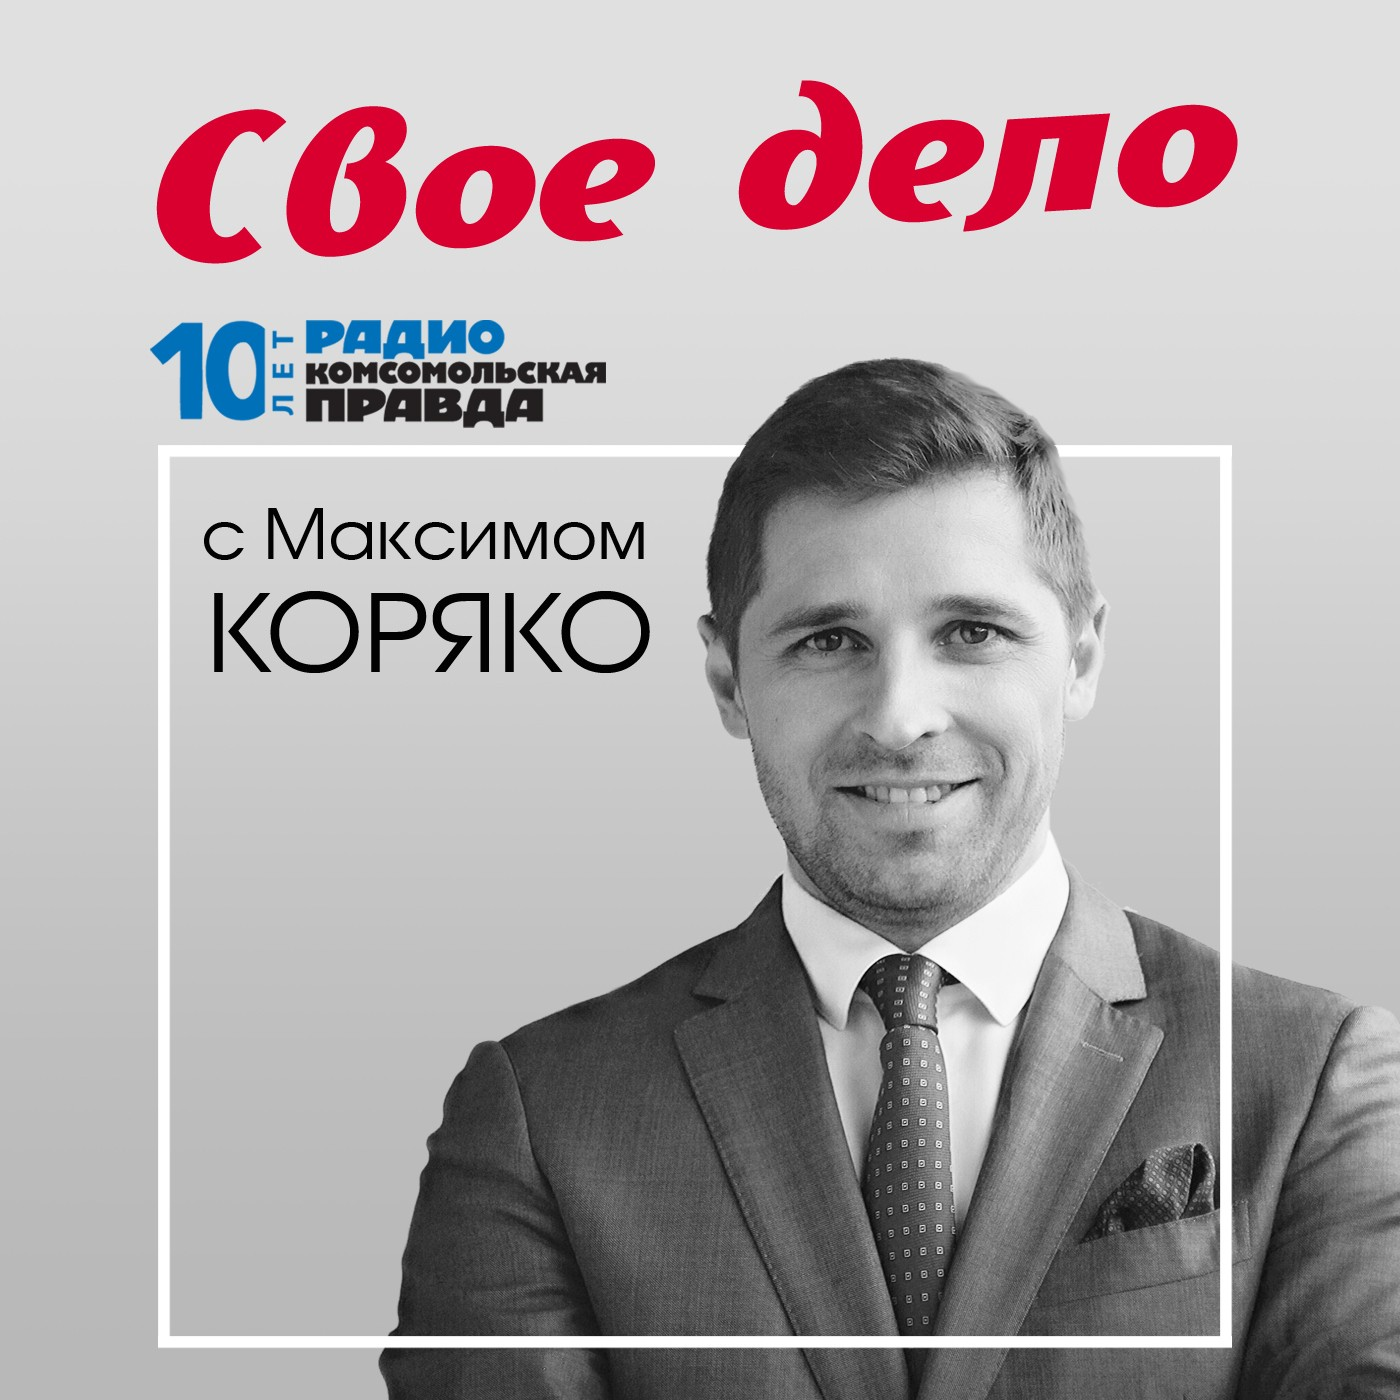 Радио «Комсомольская правда» Почему франчайзинг квело развивается в России? радио комсомольская правда эксперты завершили исследования на месте трагедии